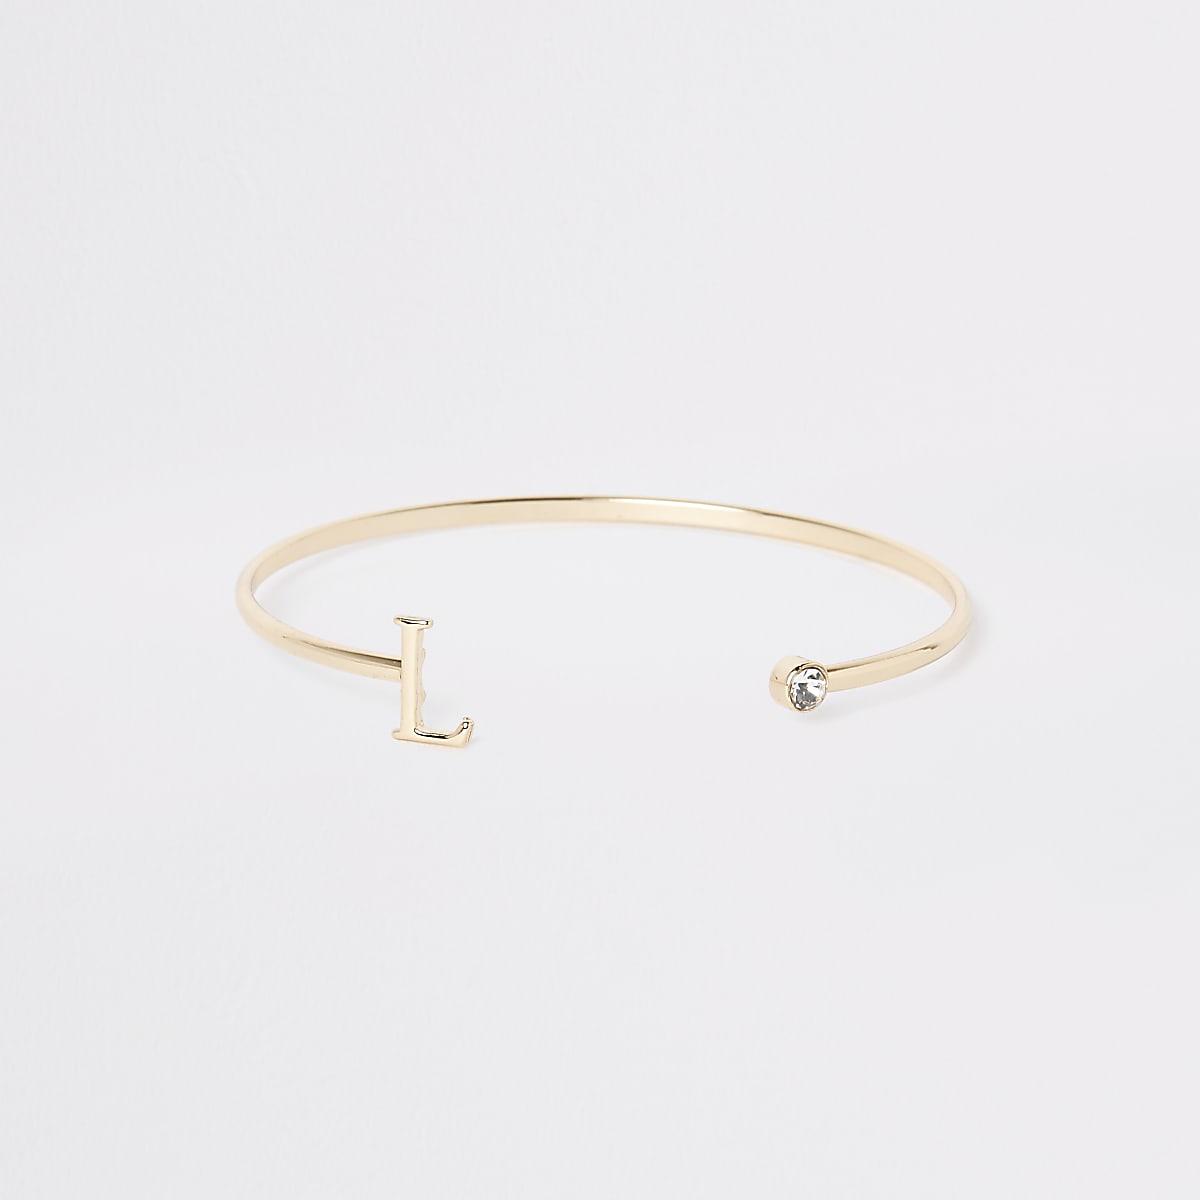 Gold plated 'L' initial cuff bracelet